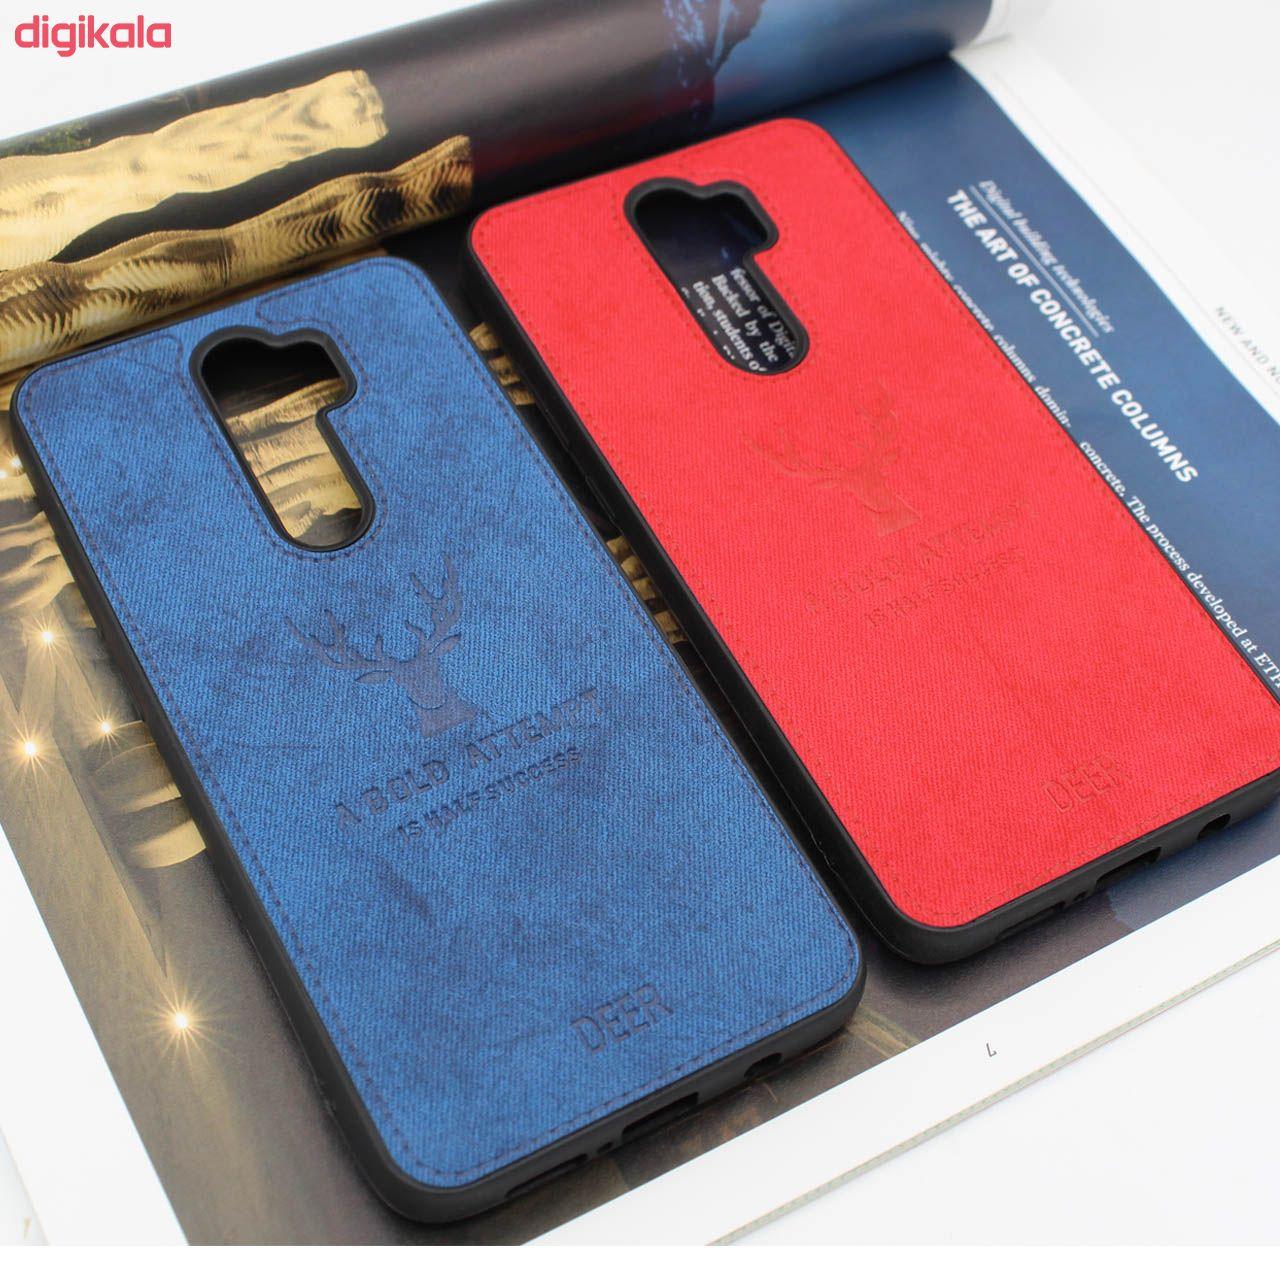 کاور کینگ پاور مدل D21 مناسب برای گوشی موبایل شیائومی Redmi Note 8 Pro main 1 2